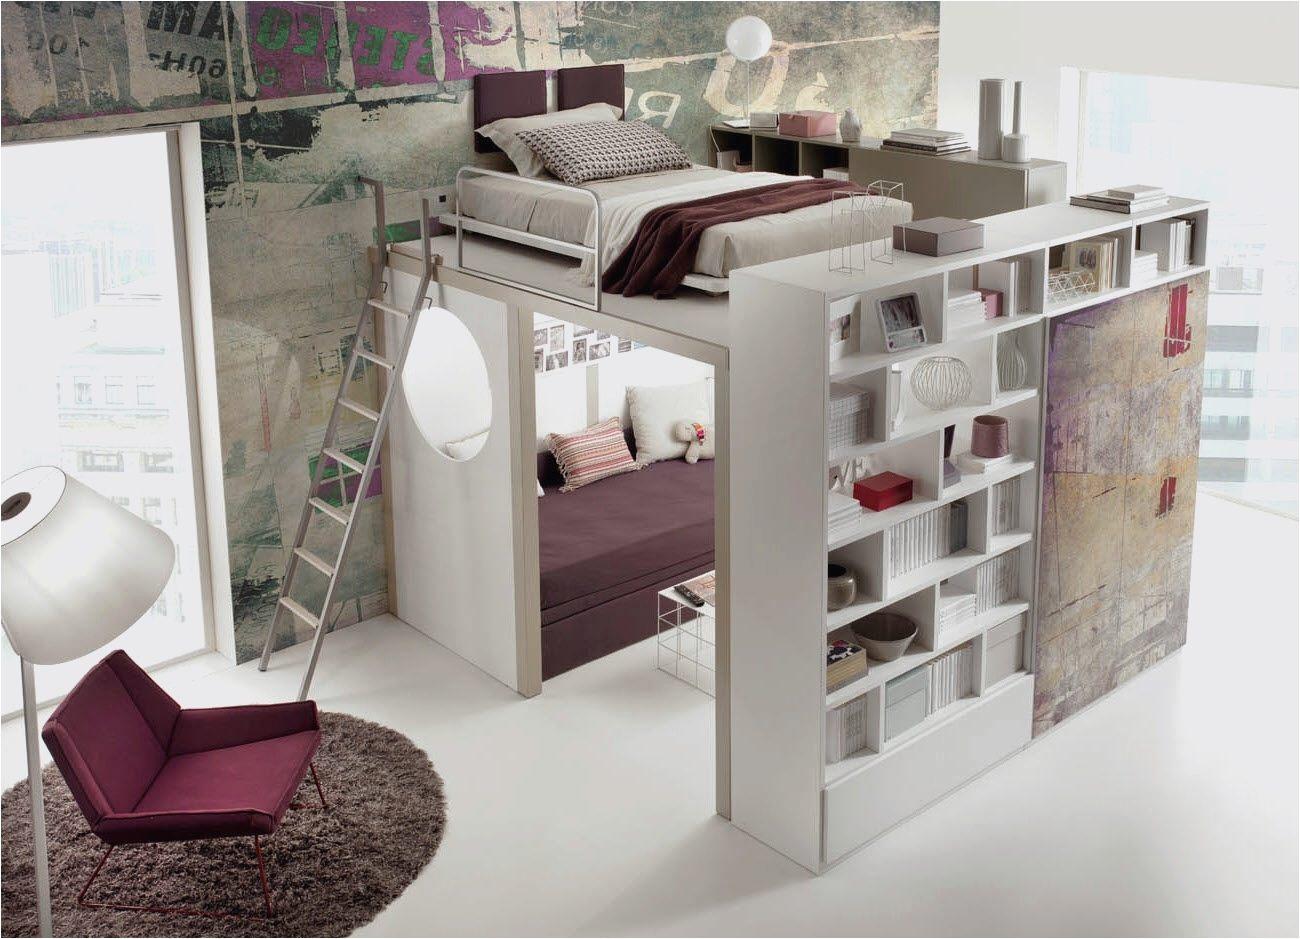 Deco Lit Mezzanine Mezzanine Bureau Unique Deco Maison Design Best